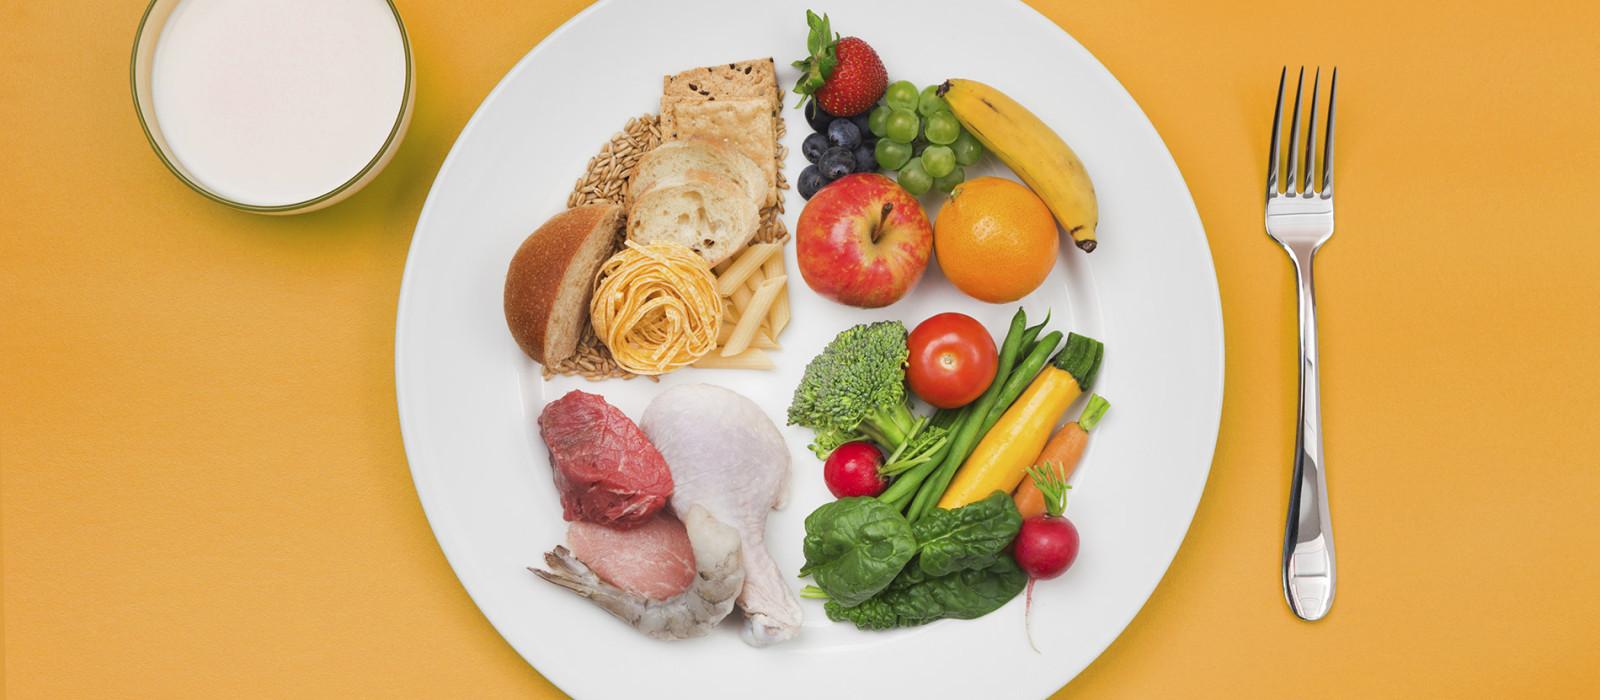 Рецепты блюд из молок лососевых рыб рецепты с фото